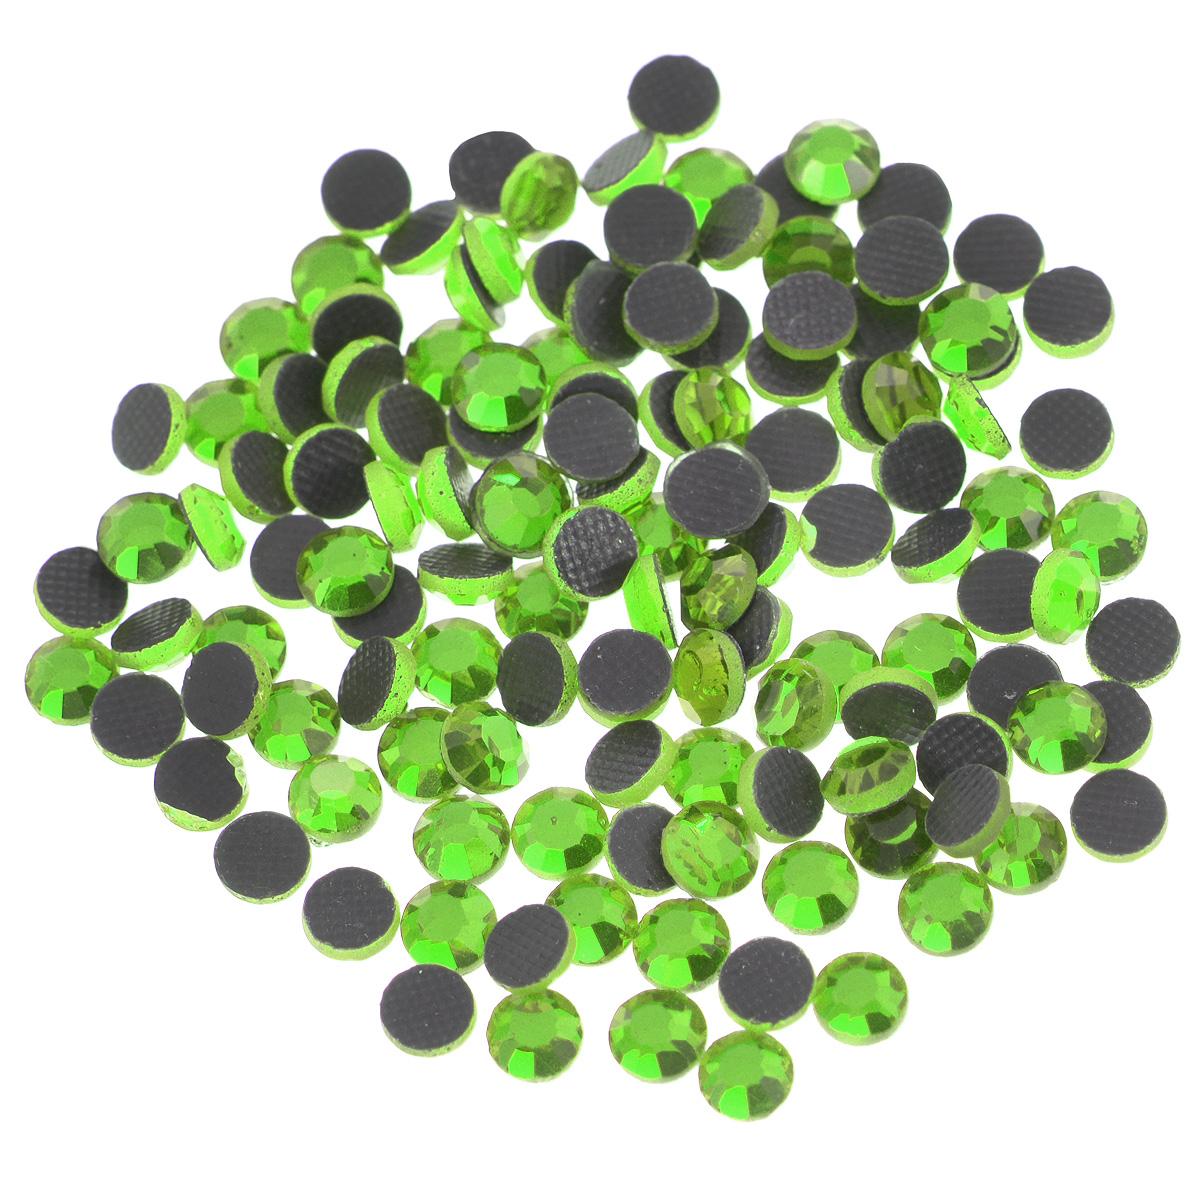 Стразы термоклеевые Cristal, цвет: светло-зеленый (214), диаметр 4 мм, 144 штC0042416Набор термоклеевых страз Cristal, изготовленный из высококачественного акрила, позволит вам украсить одежду, аксессуары или текстиль. Яркие стразы имеют плоское дно и круглую поверхность с гранями.Дно термоклеевых страз уже обработано особым клеем, который под воздействием высоких температур начинает плавиться, приклеиваясь, таким образом, к требуемой поверхности. Чаще всего их используют в текстильной промышленности: стразы прикладывают к ткани и проглаживают утюгом с обратной стороны. Также можно использовать специальный паяльник. Украшение стразами поможет сделать любую вещь оригинальной и неповторимой. Диаметр стразы: 4 мм.